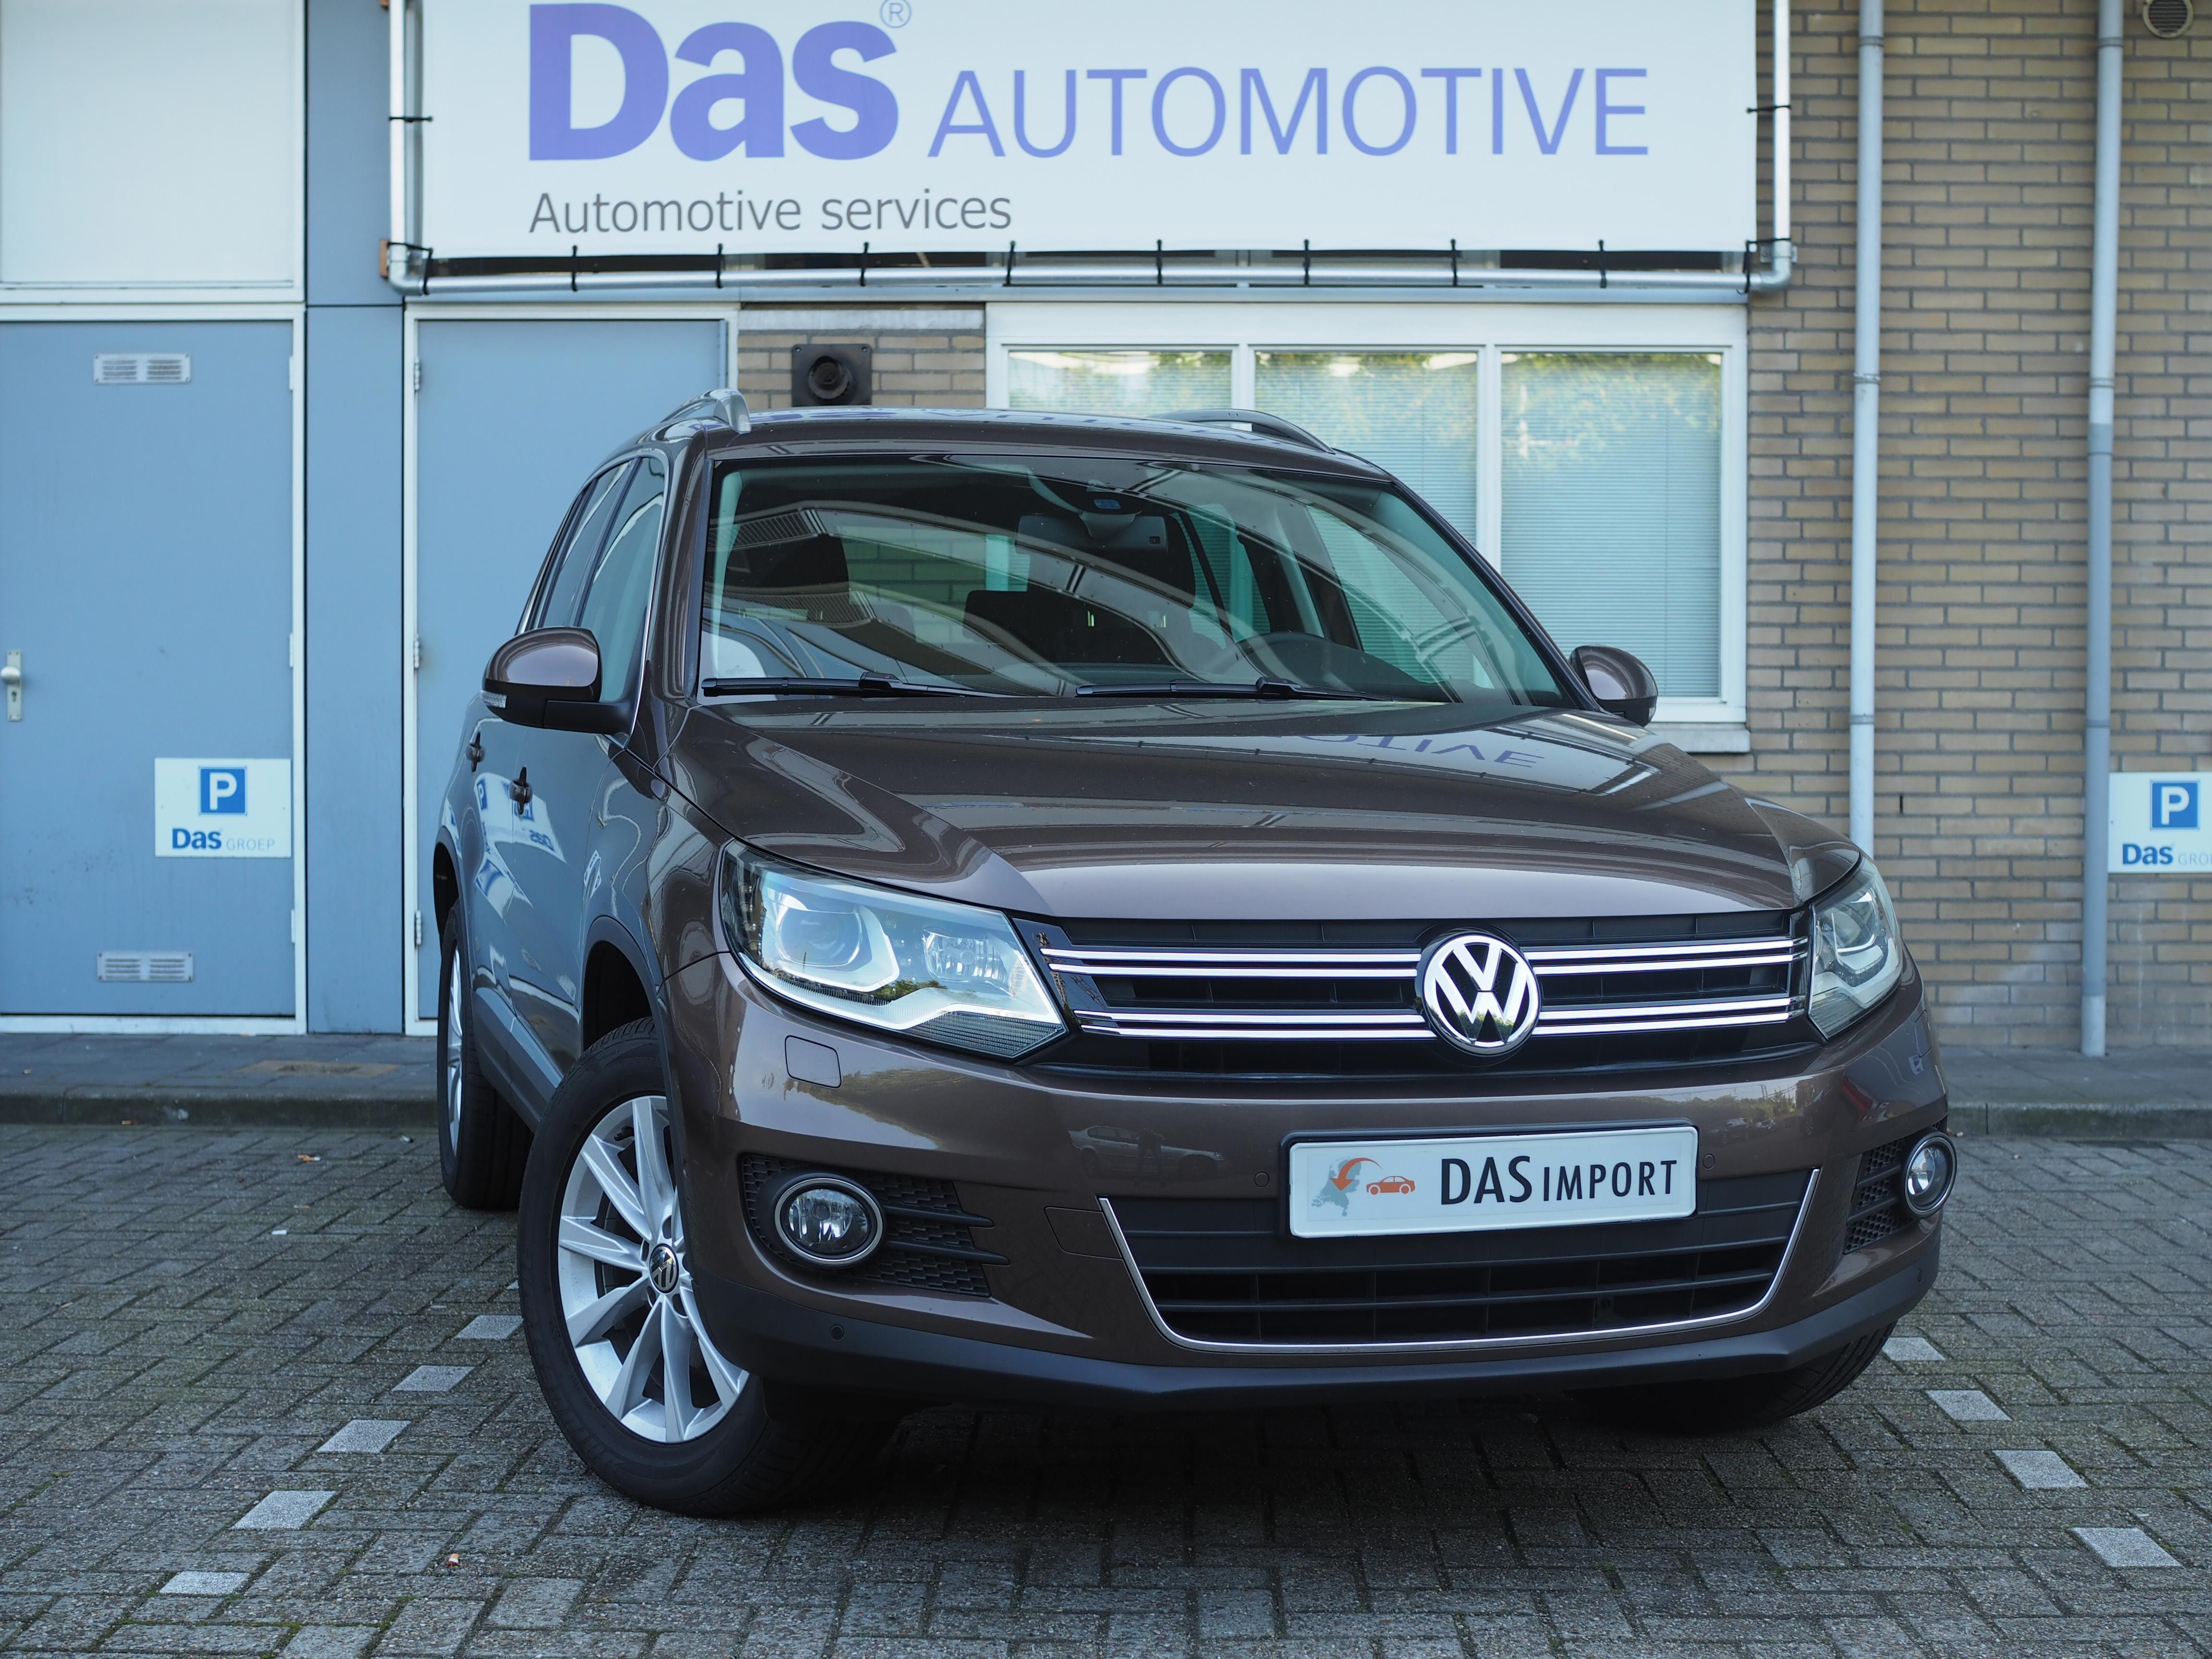 Importauto: Volkswagen Tiguan Diesel 2.0 TDI 103kW Sport & Style BMT 4Motion DSG 10/2012